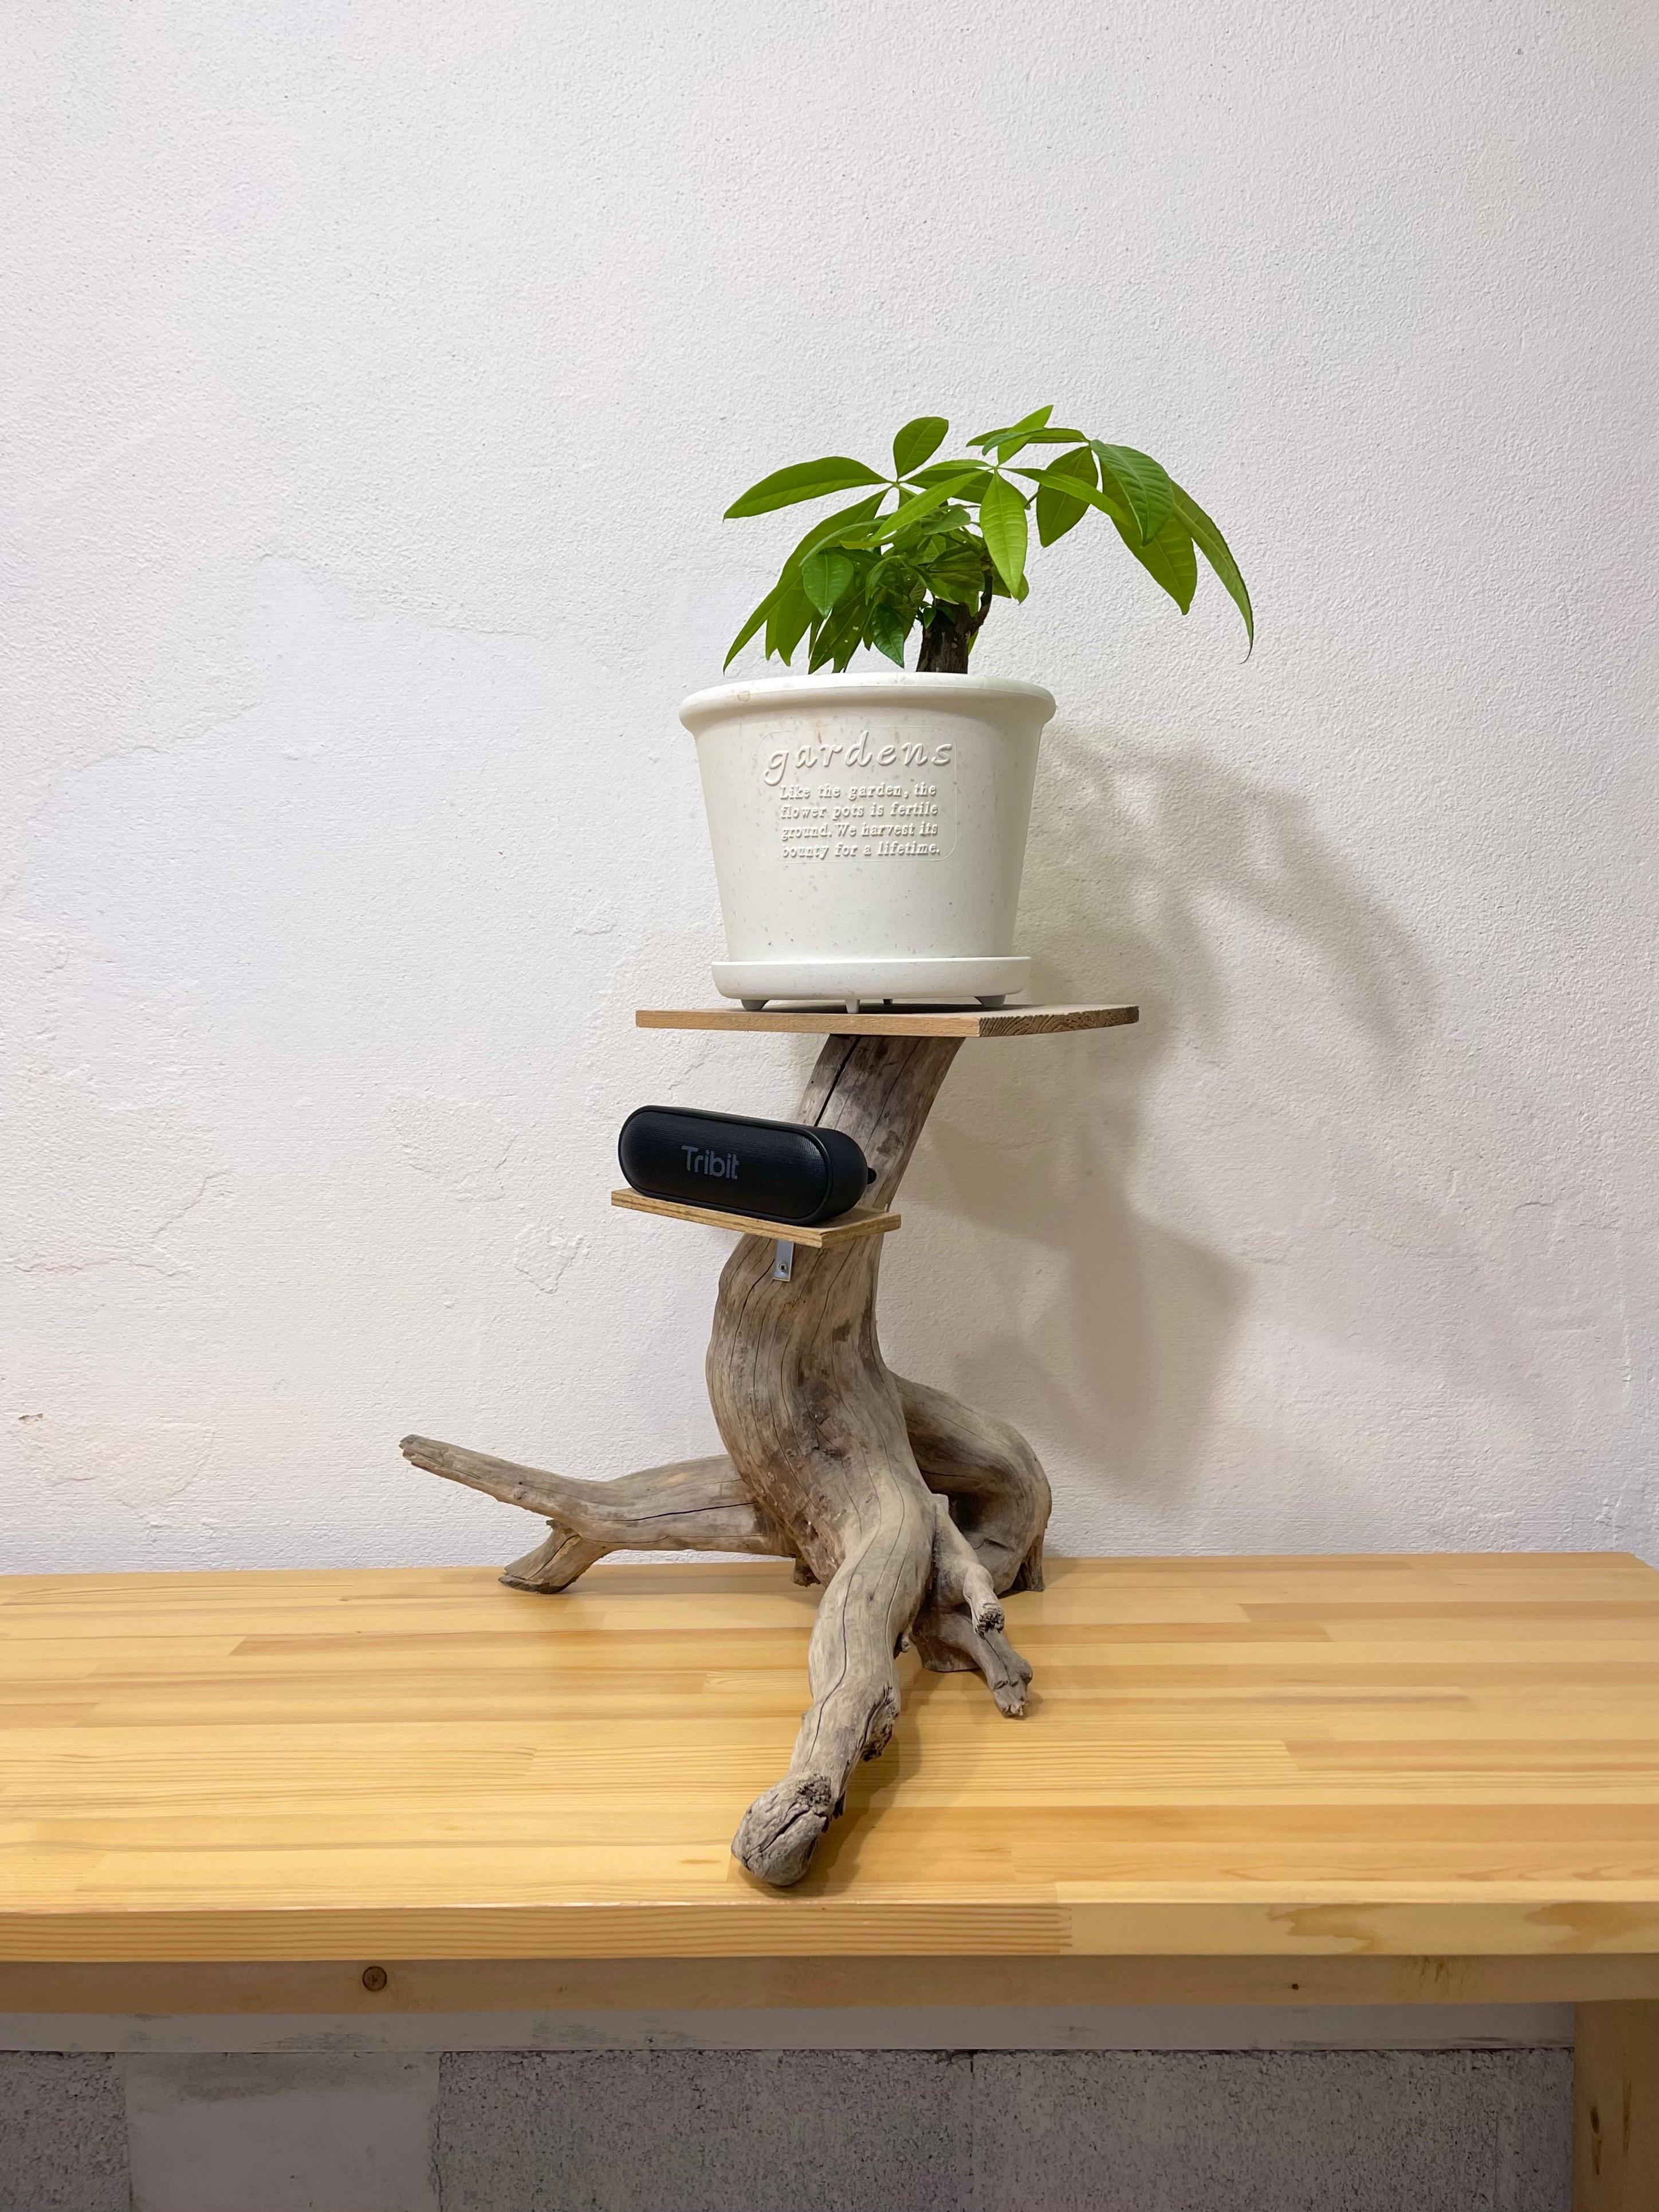 ビーチコーミング&流木を使った家具作り